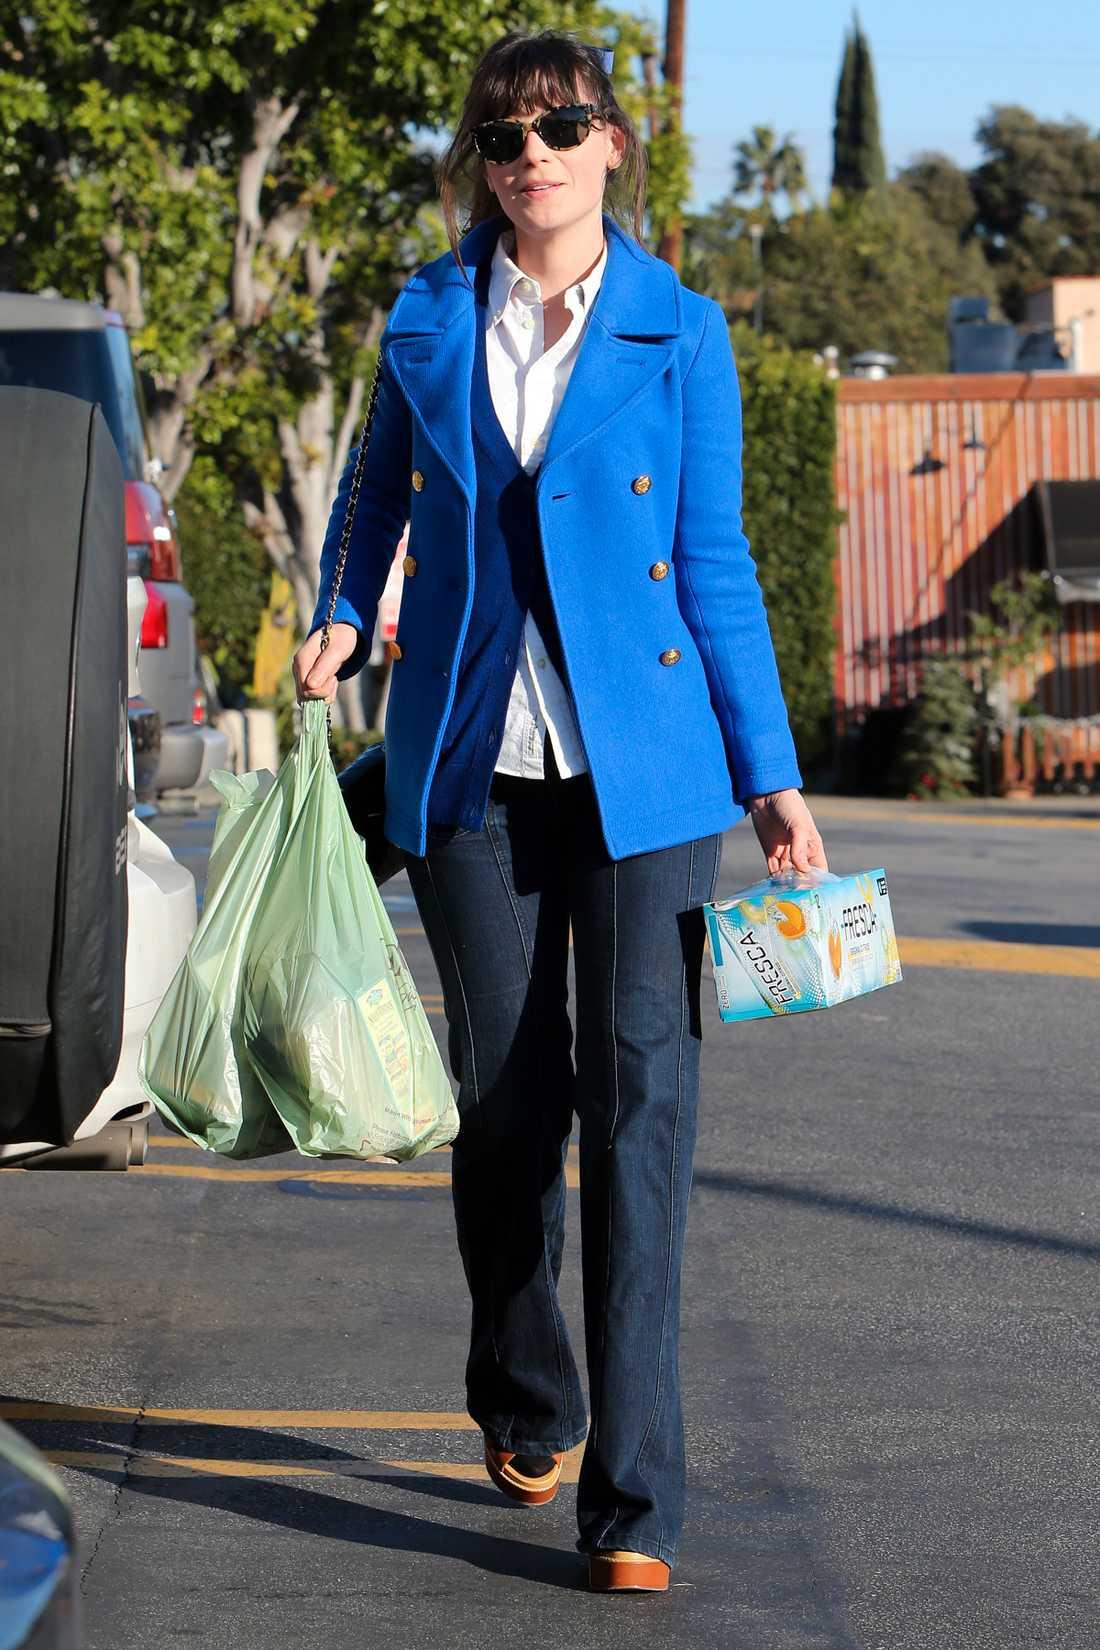 Söta Zooey Deschanel är 70-talsinspirerad i vida jeans, platåklackar och färggrann kort kappa.